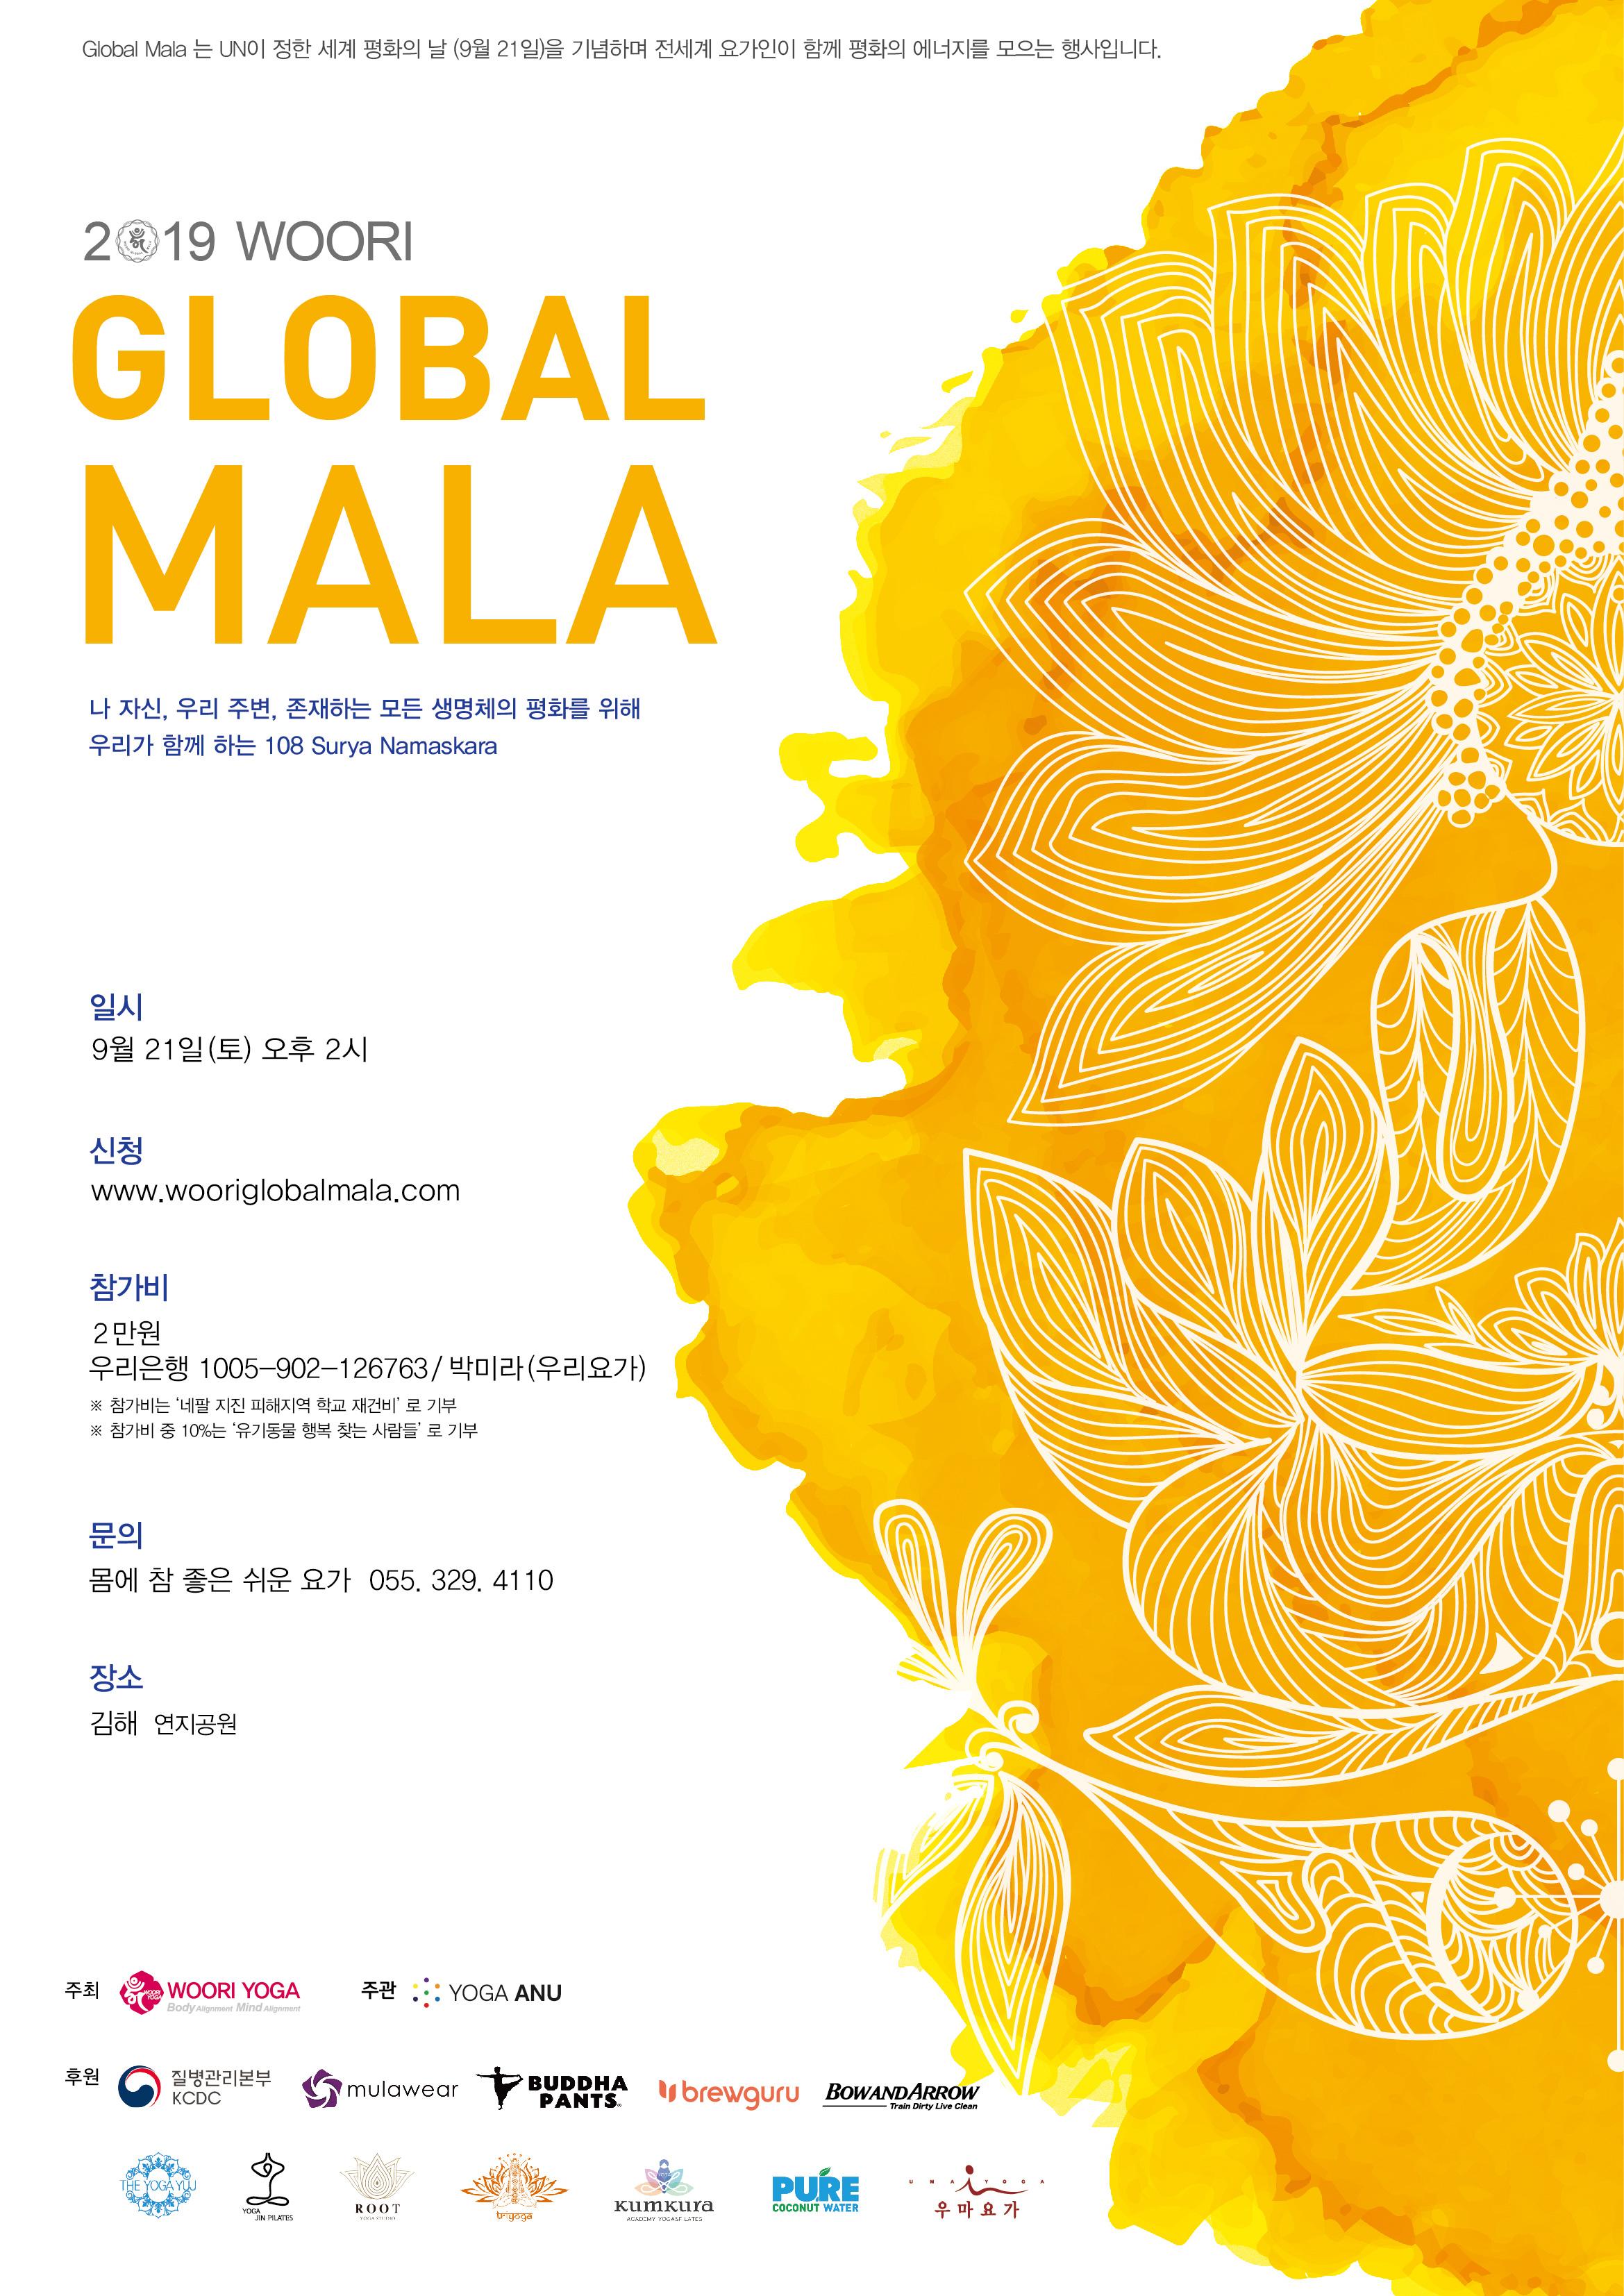 2019 우리 글로벌 말라 - 김해.jpg